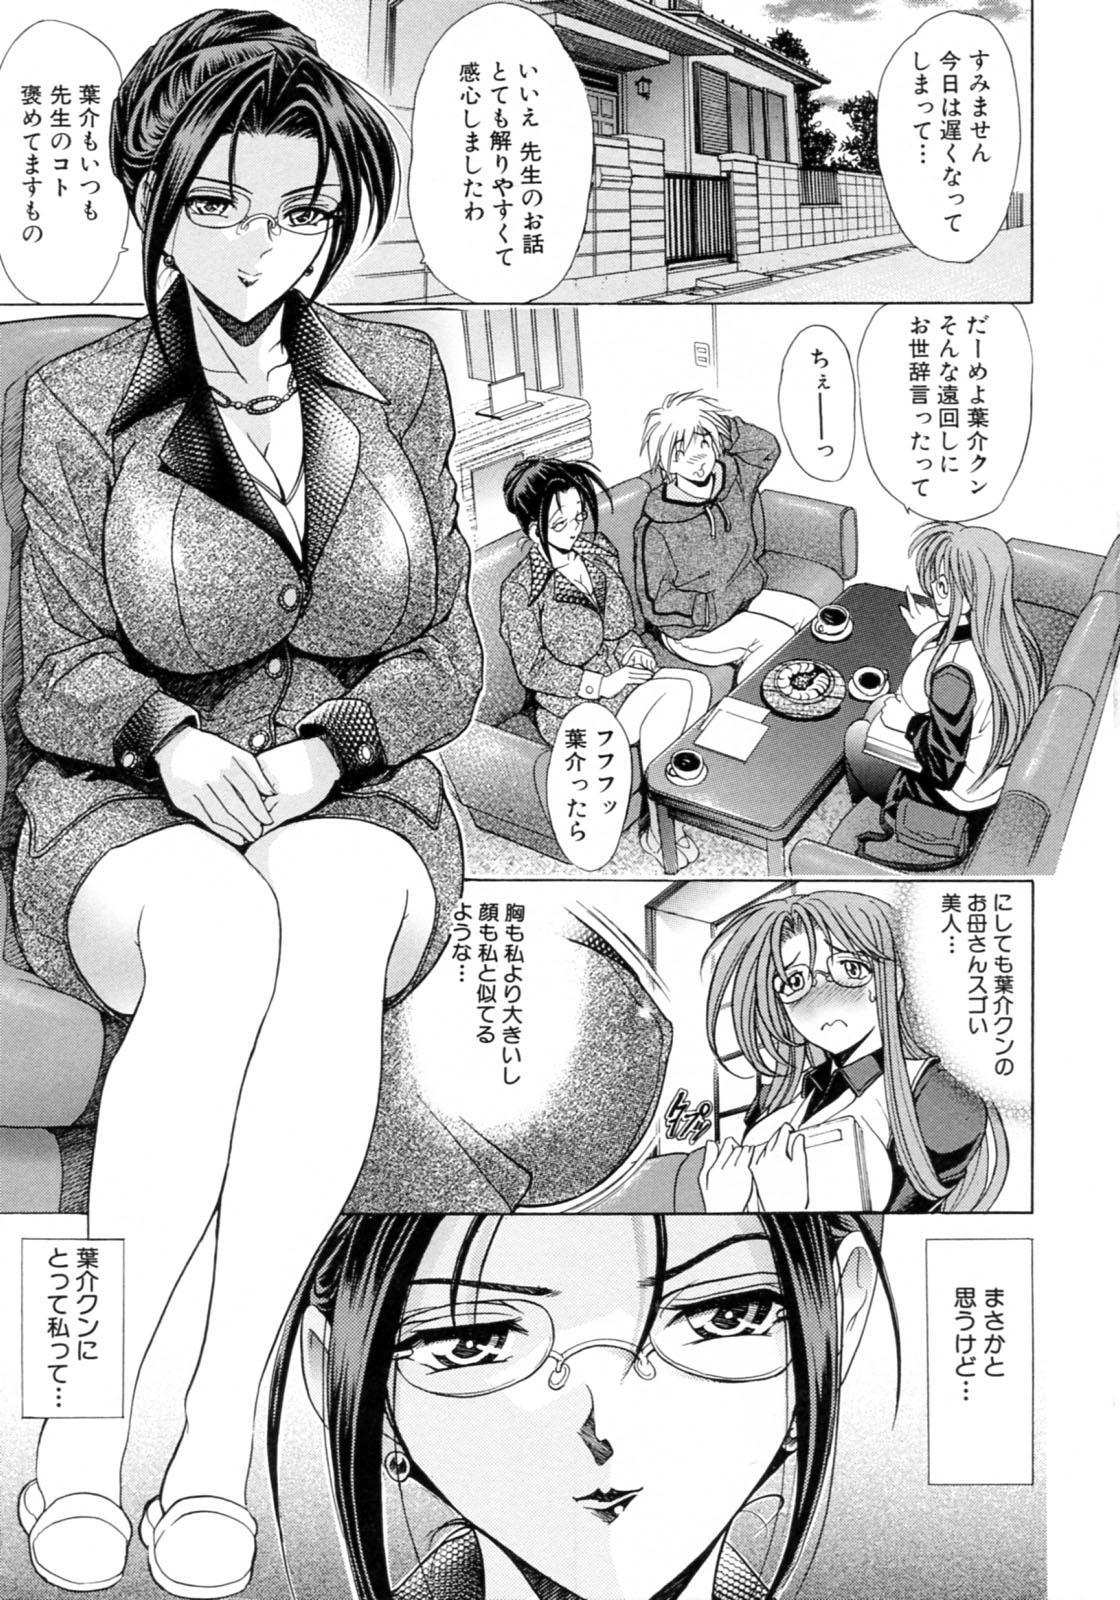 Kinsoku Shikou 6